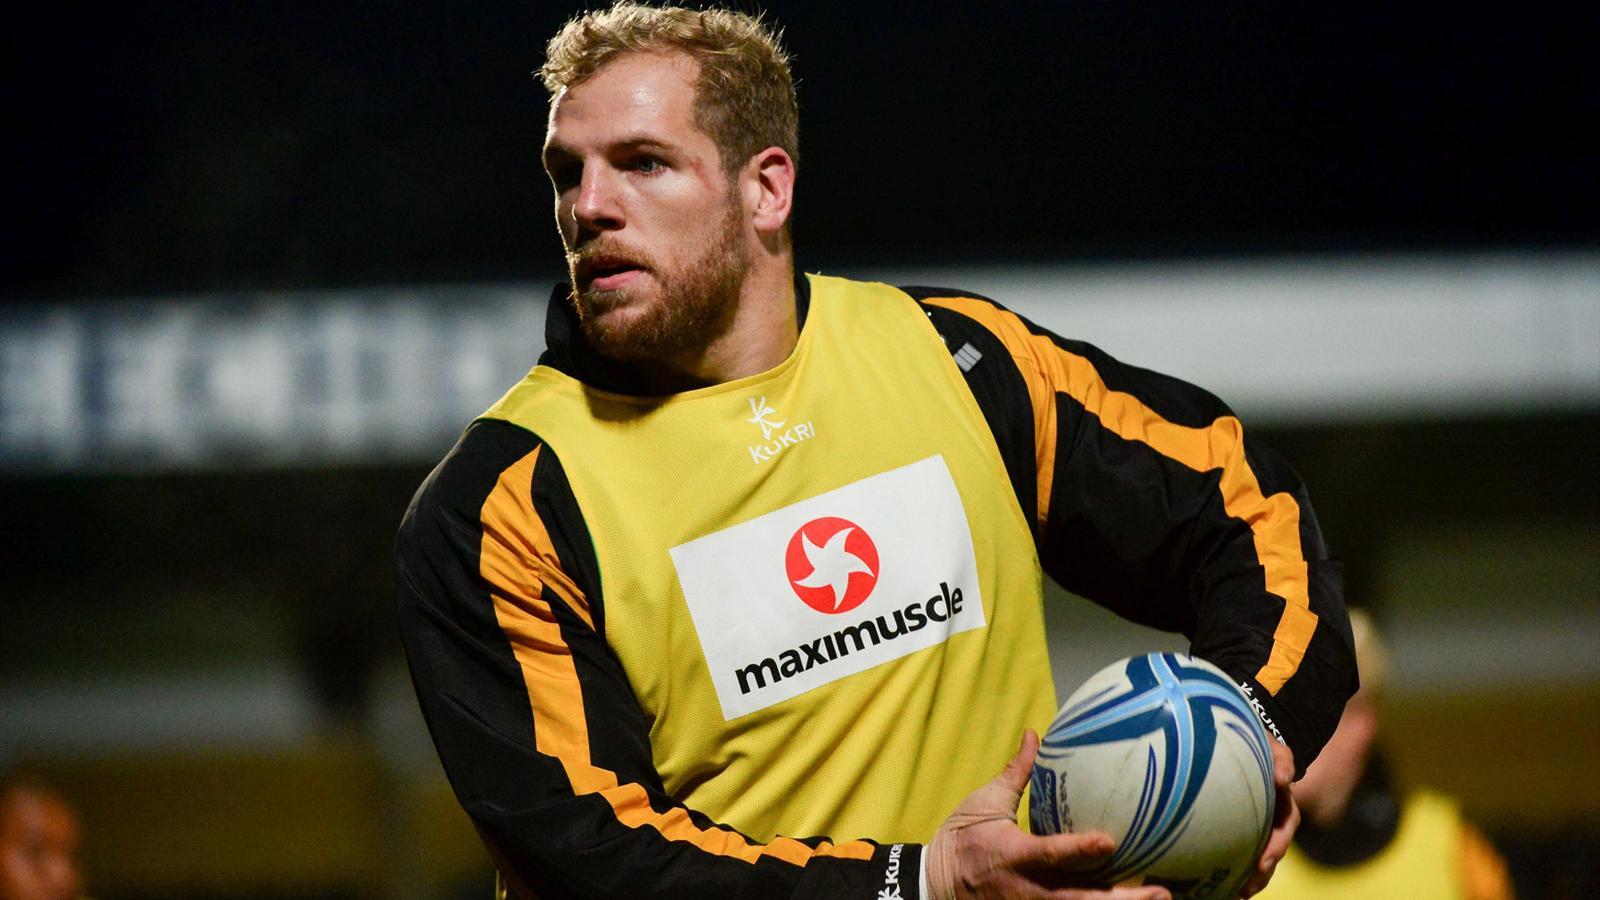 Rugby London Wasps vs Harlequins en direct live streaming